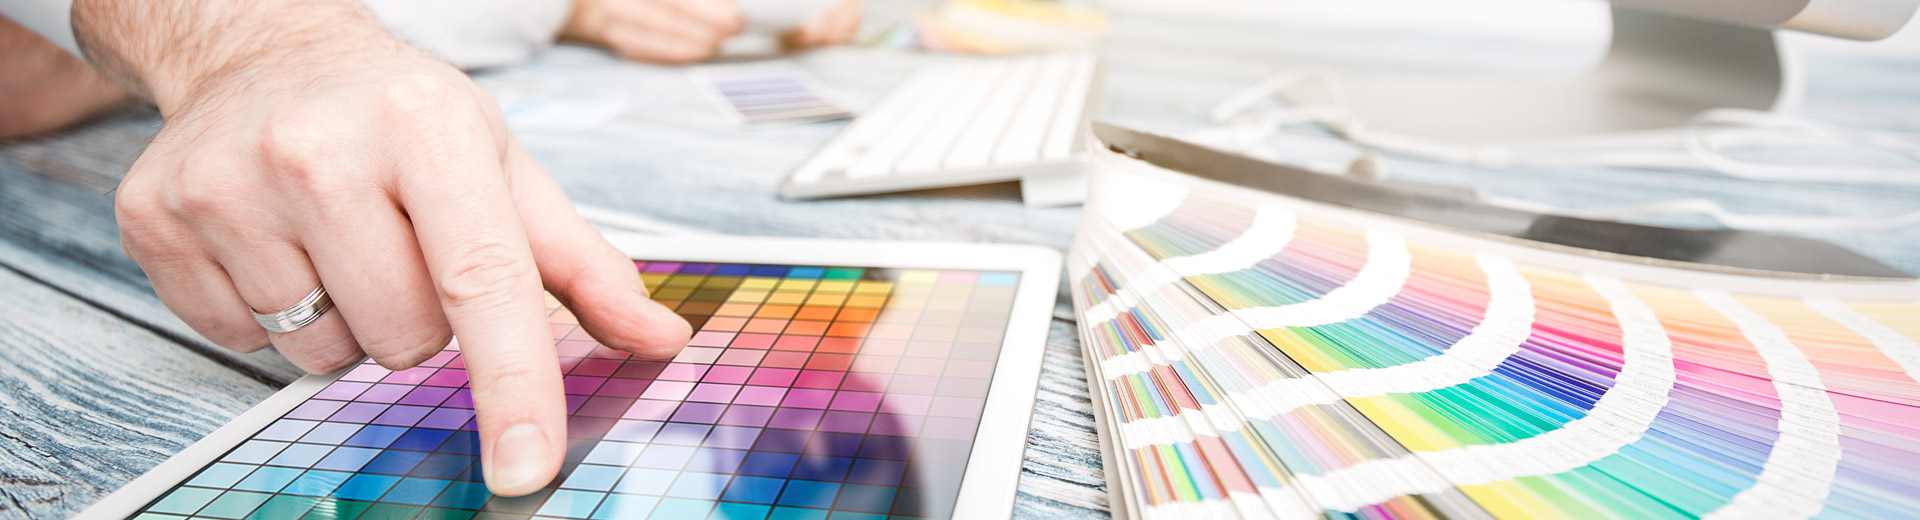 Bureau met mensen die werken aan corporate design met computer en kleurwaaier